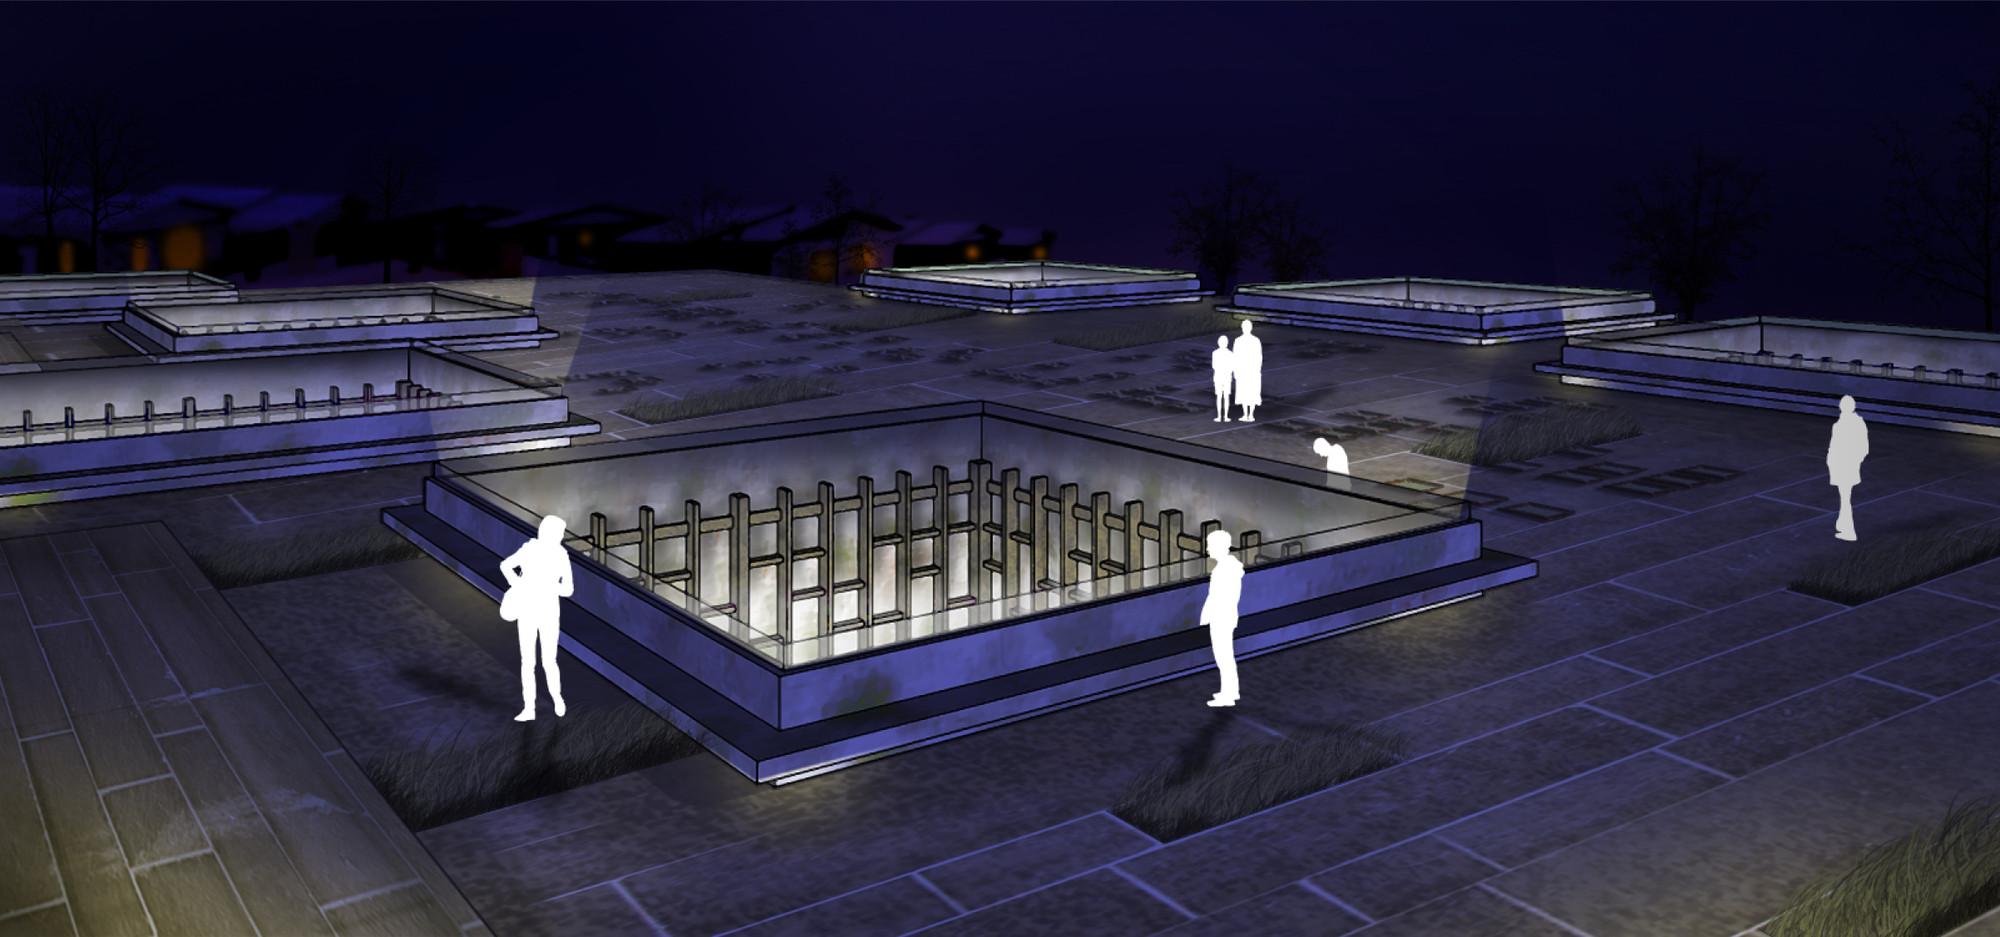 Ganador: Cementerio de Caldera: Habitar la Muerte. Image Courtesy of Diego Montoya Hernández